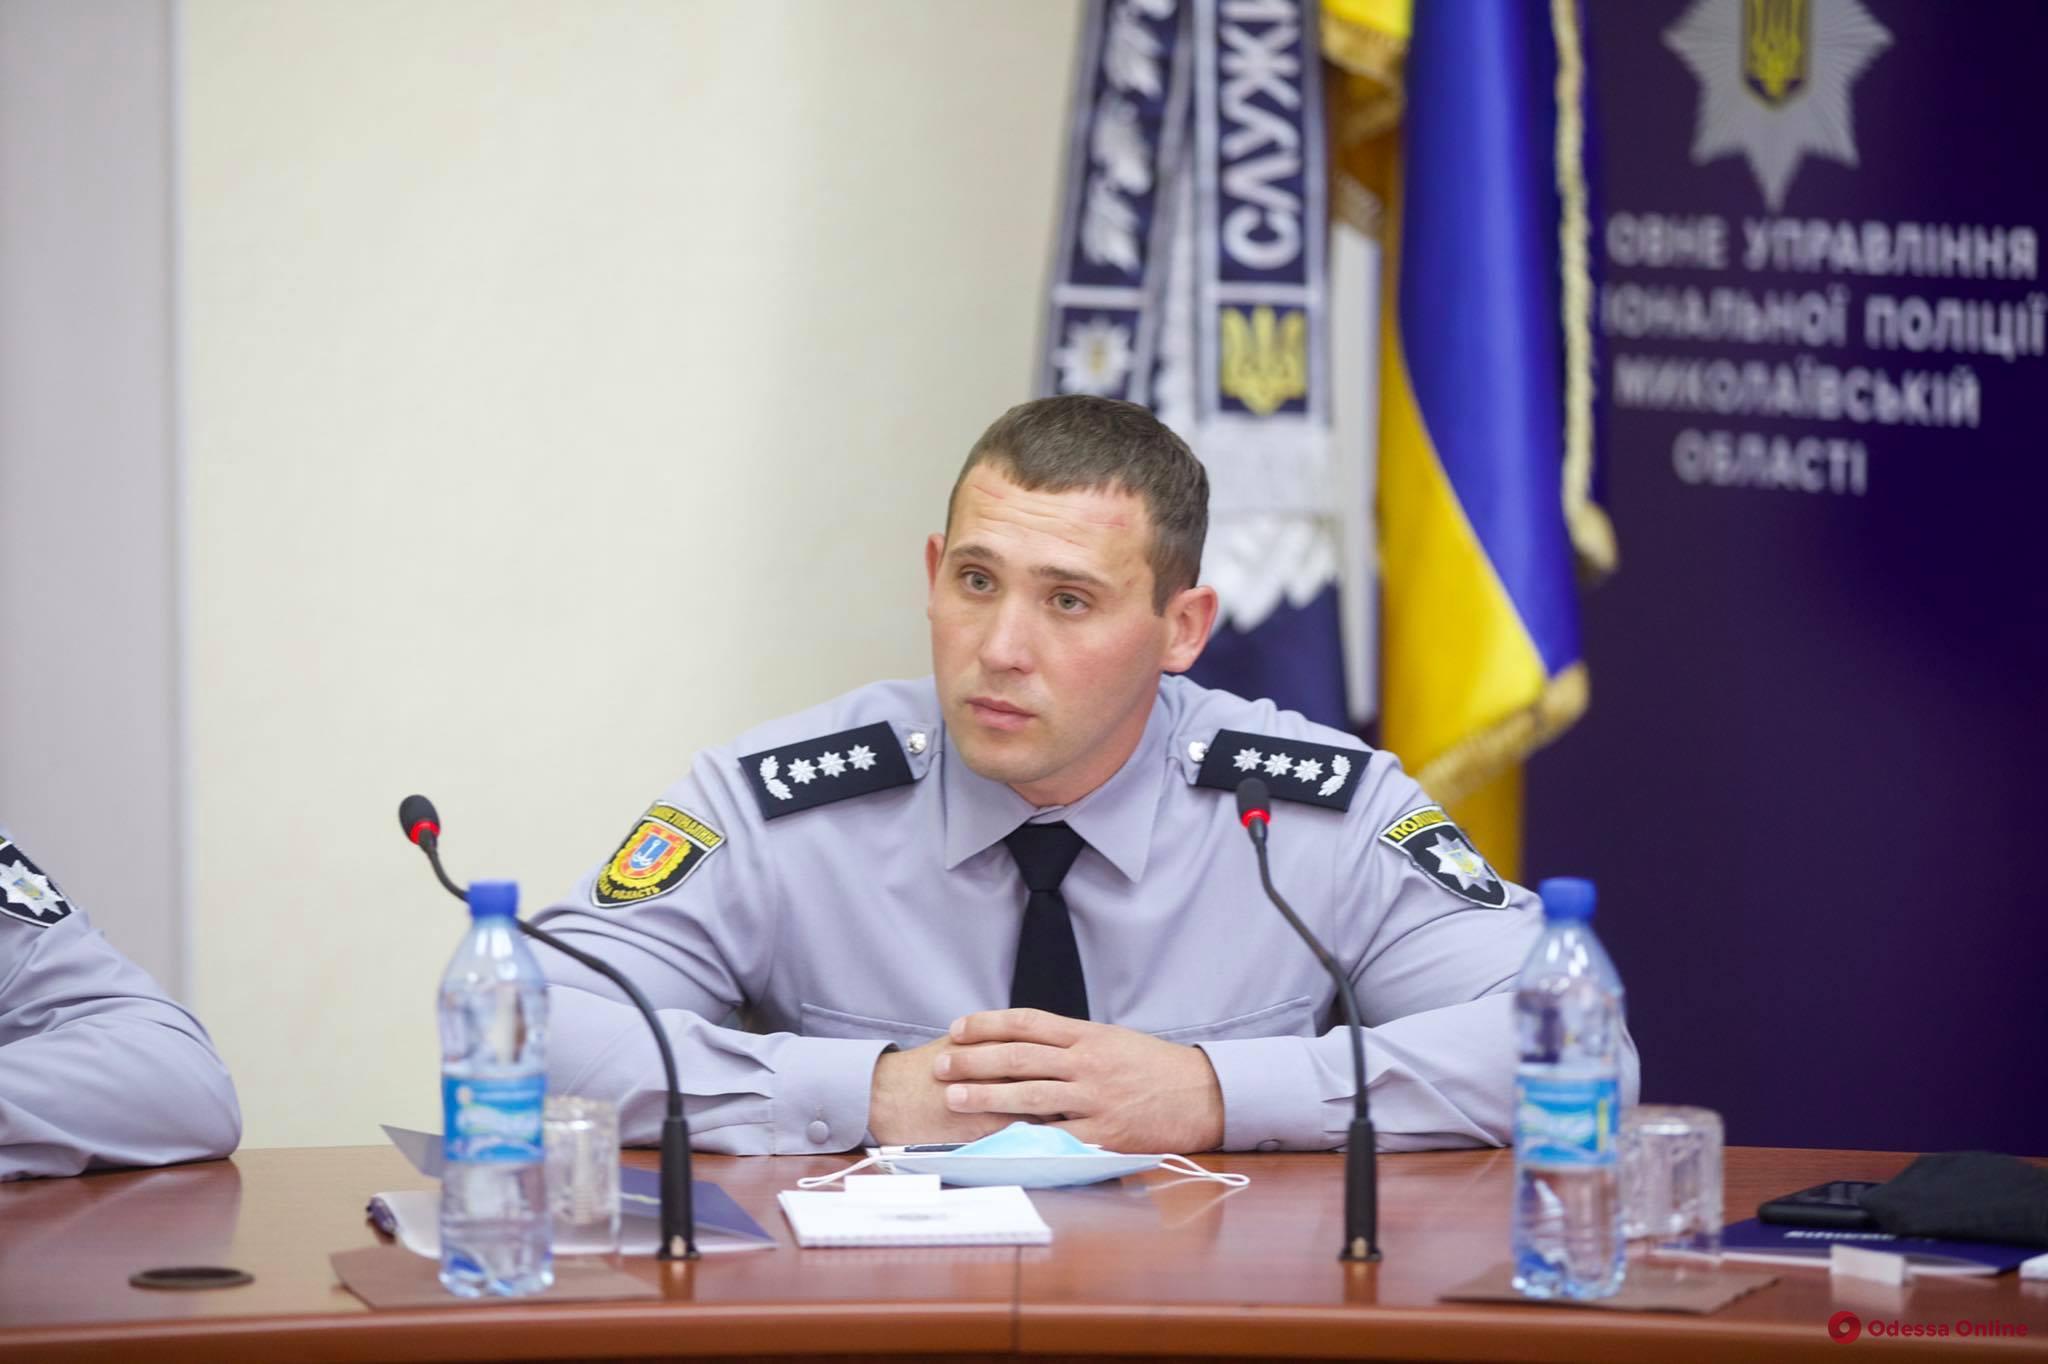 Бывший замначальника ГУНП в Одесской области возглавил Николаевскую полицию